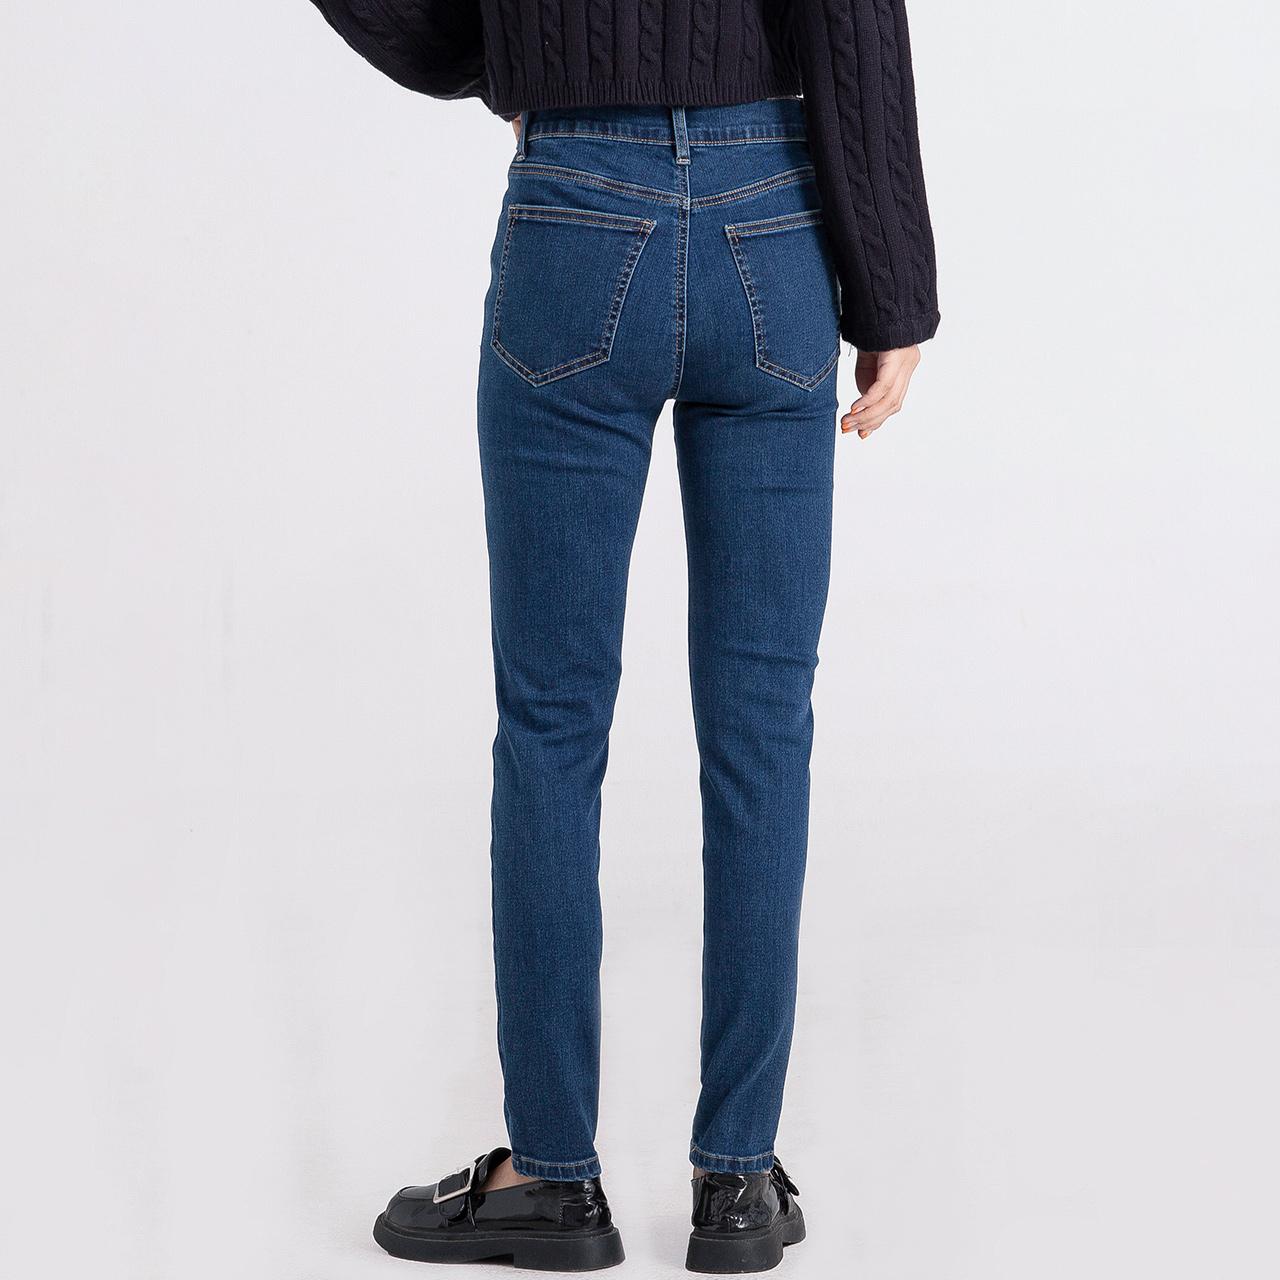 雪中飞 2020秋季新款女士弹力小脚牛仔裤